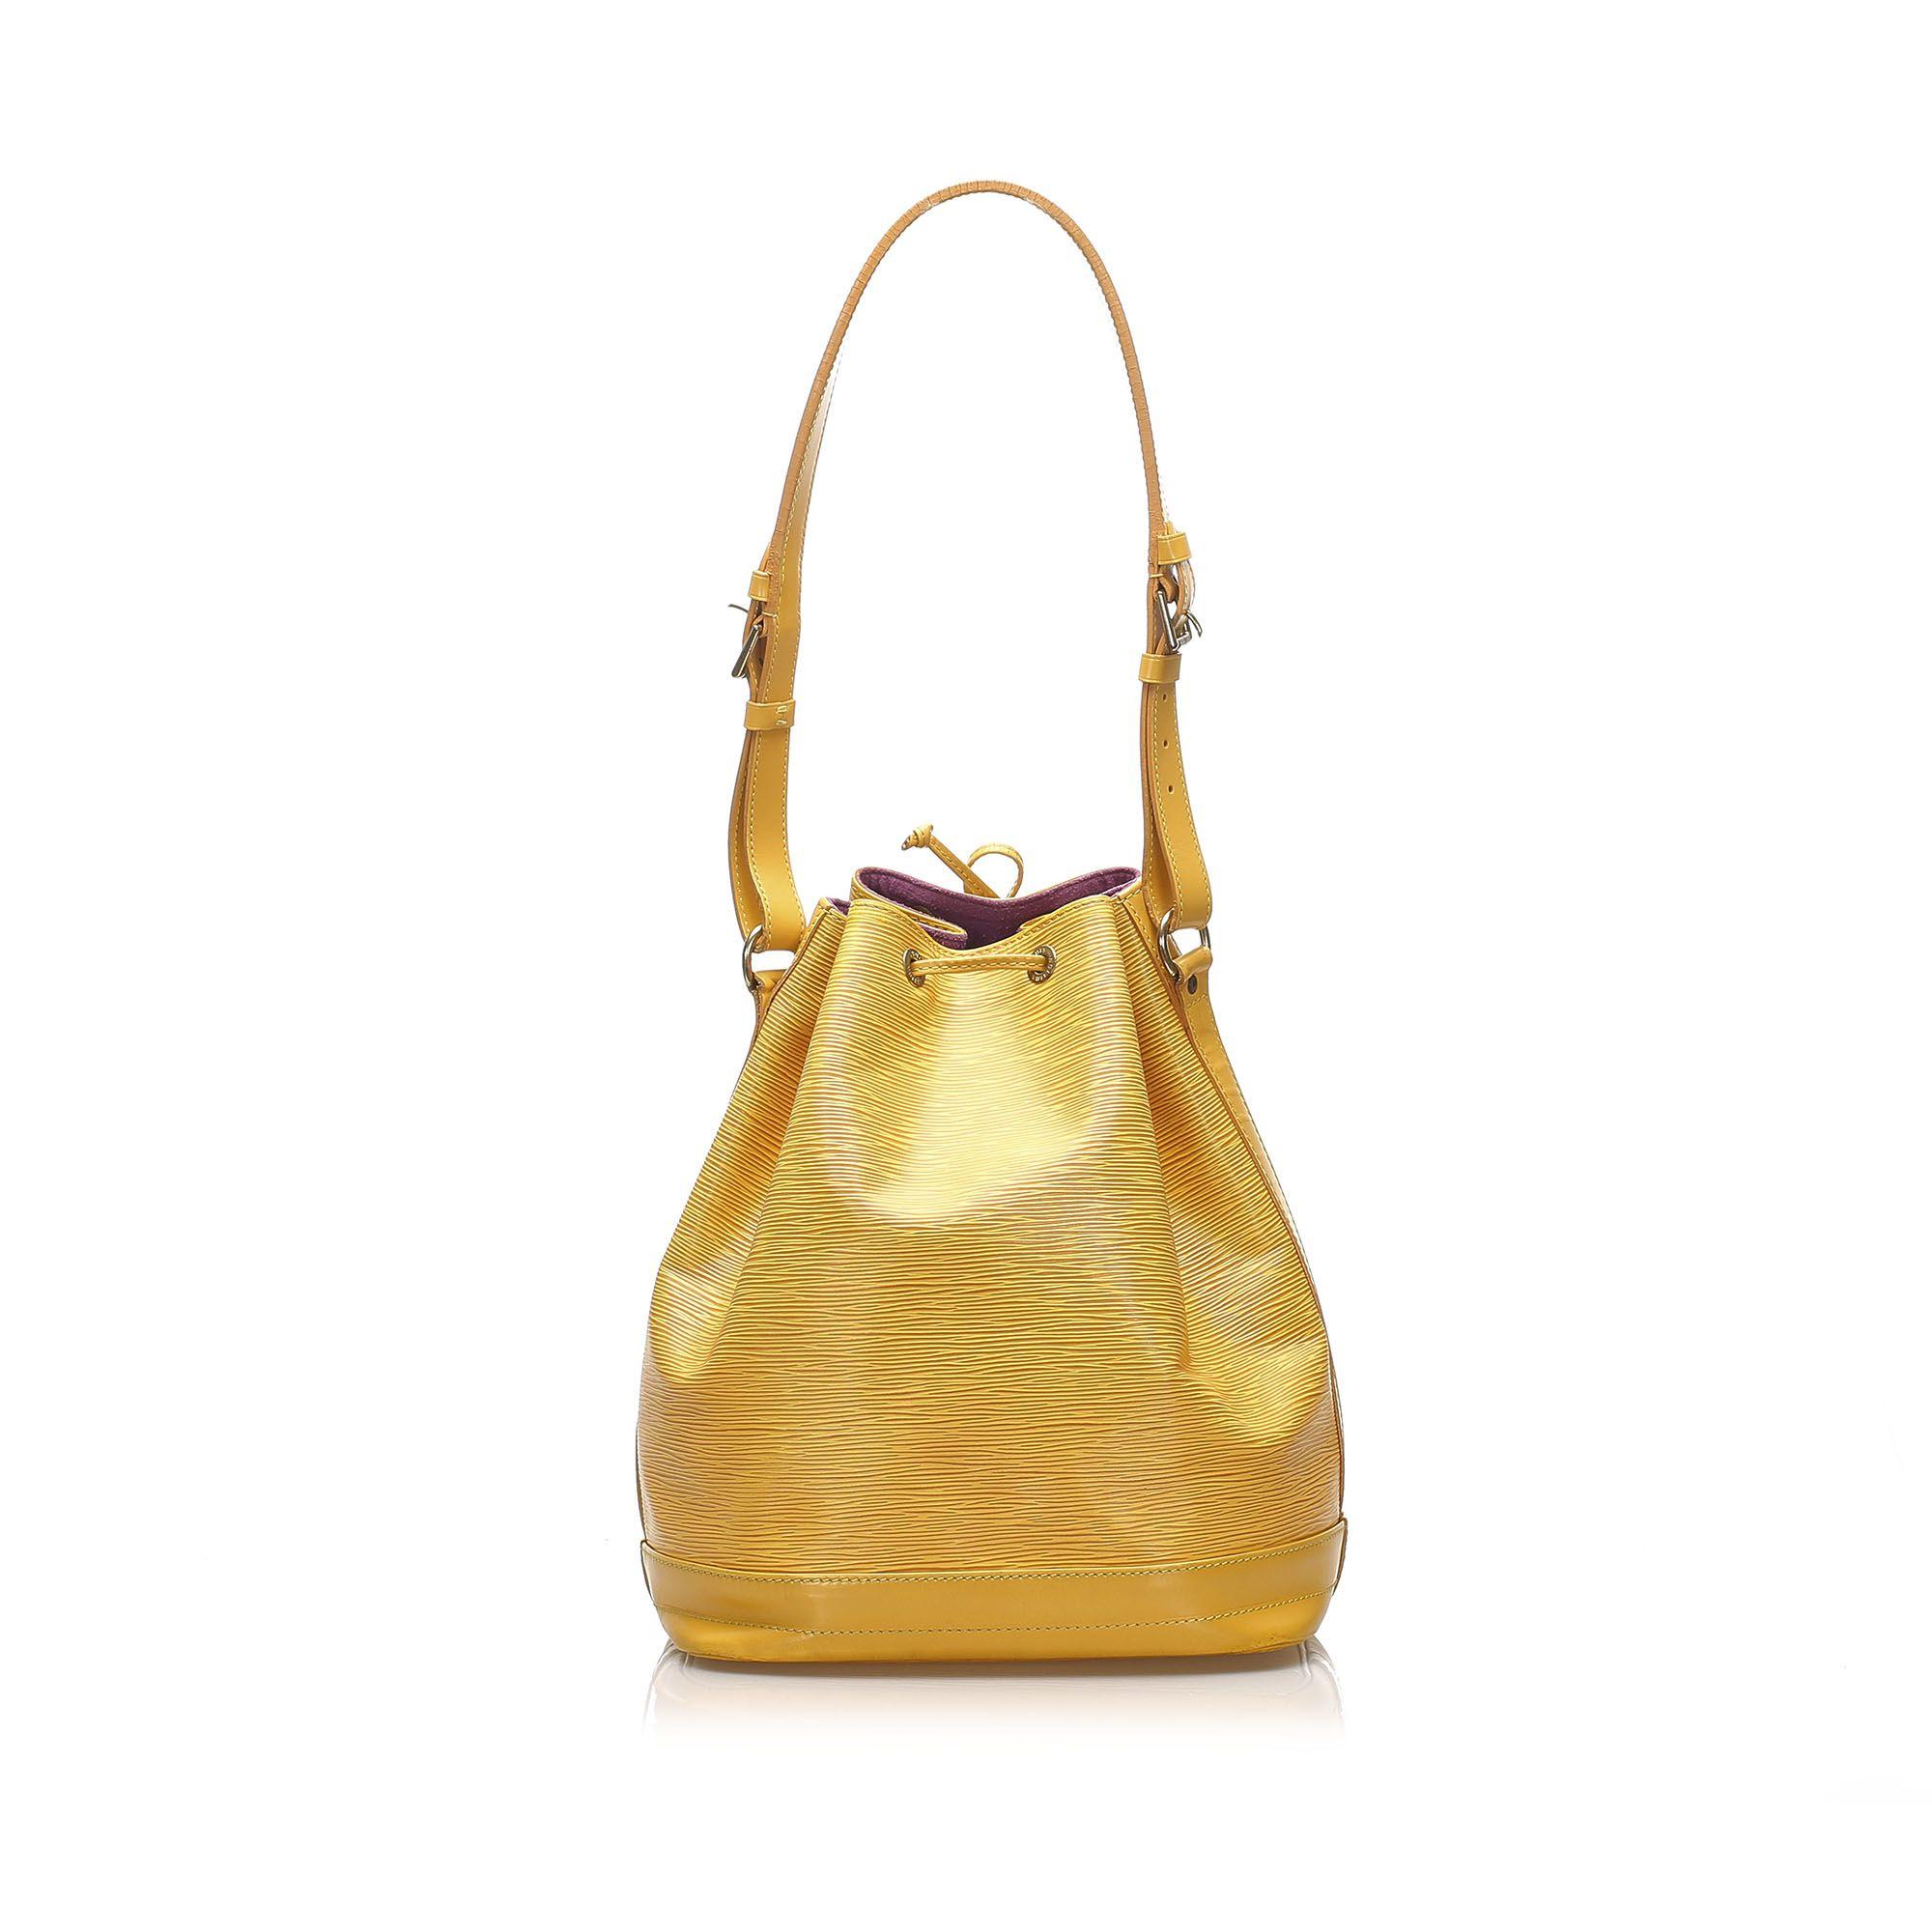 Vintage Louis Vuitton Epi Noe Yellow